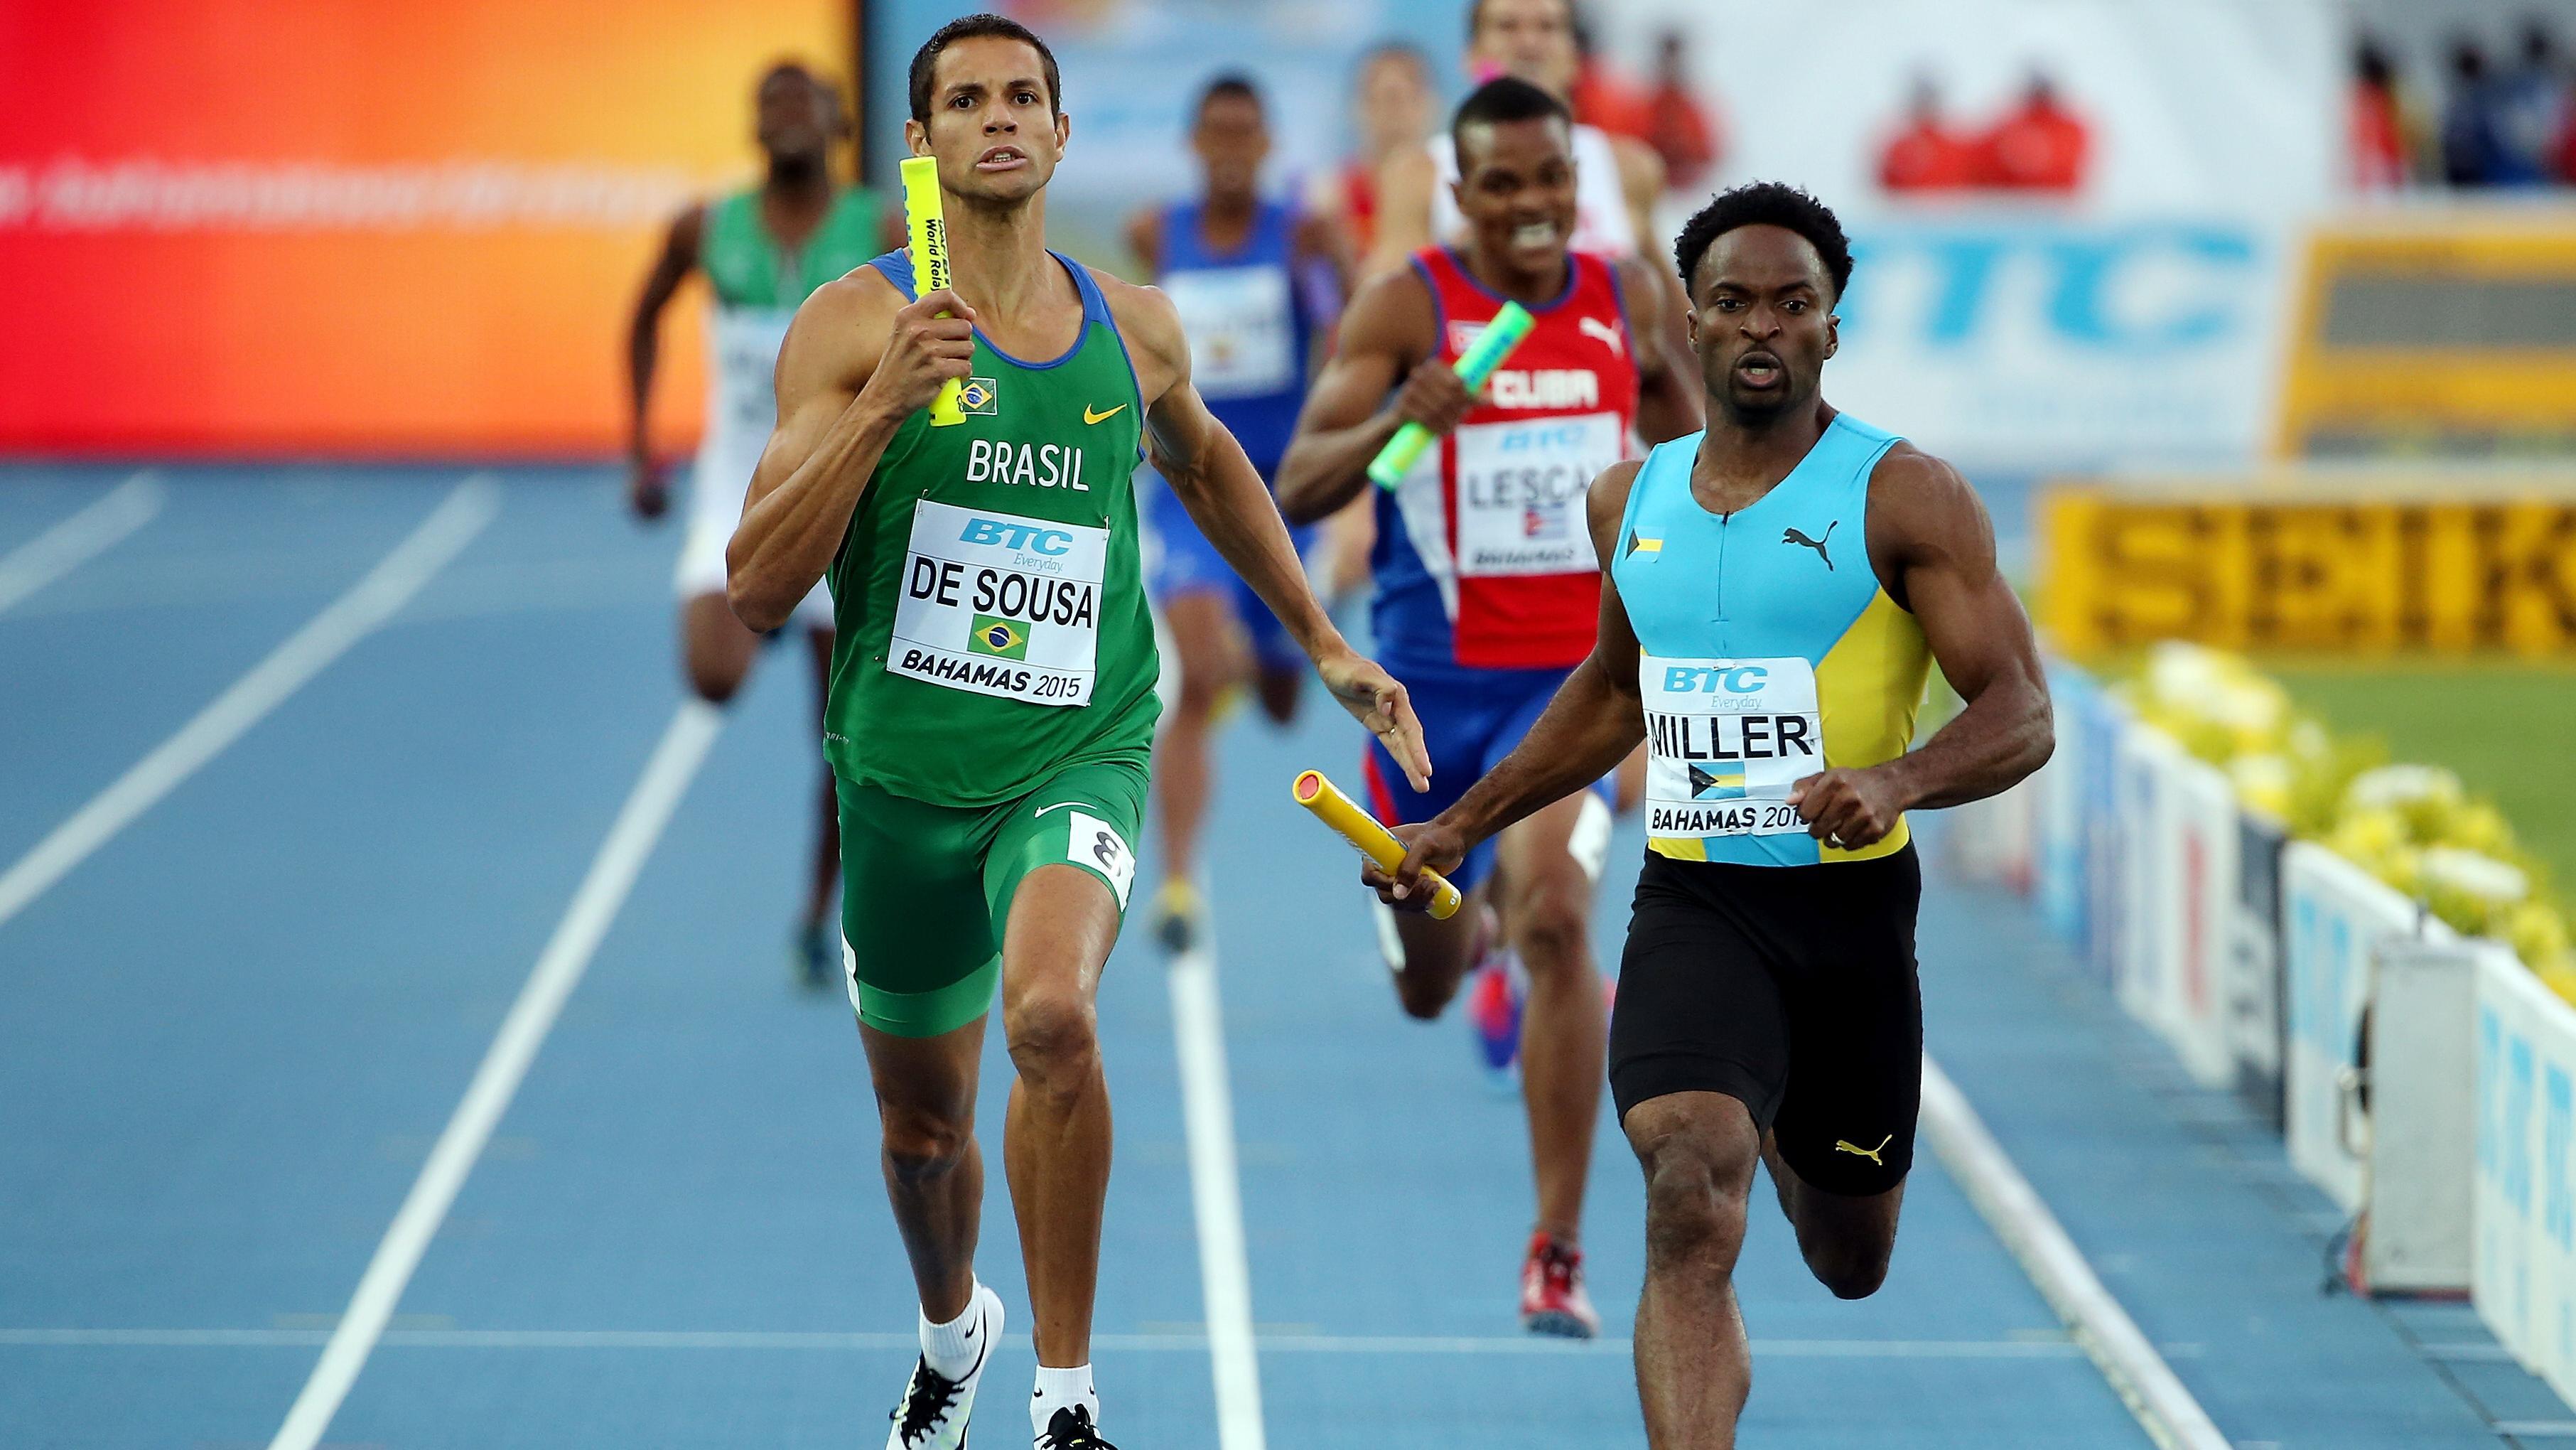 Atletismo - Conheça a prática esportiva mais antiga de todas